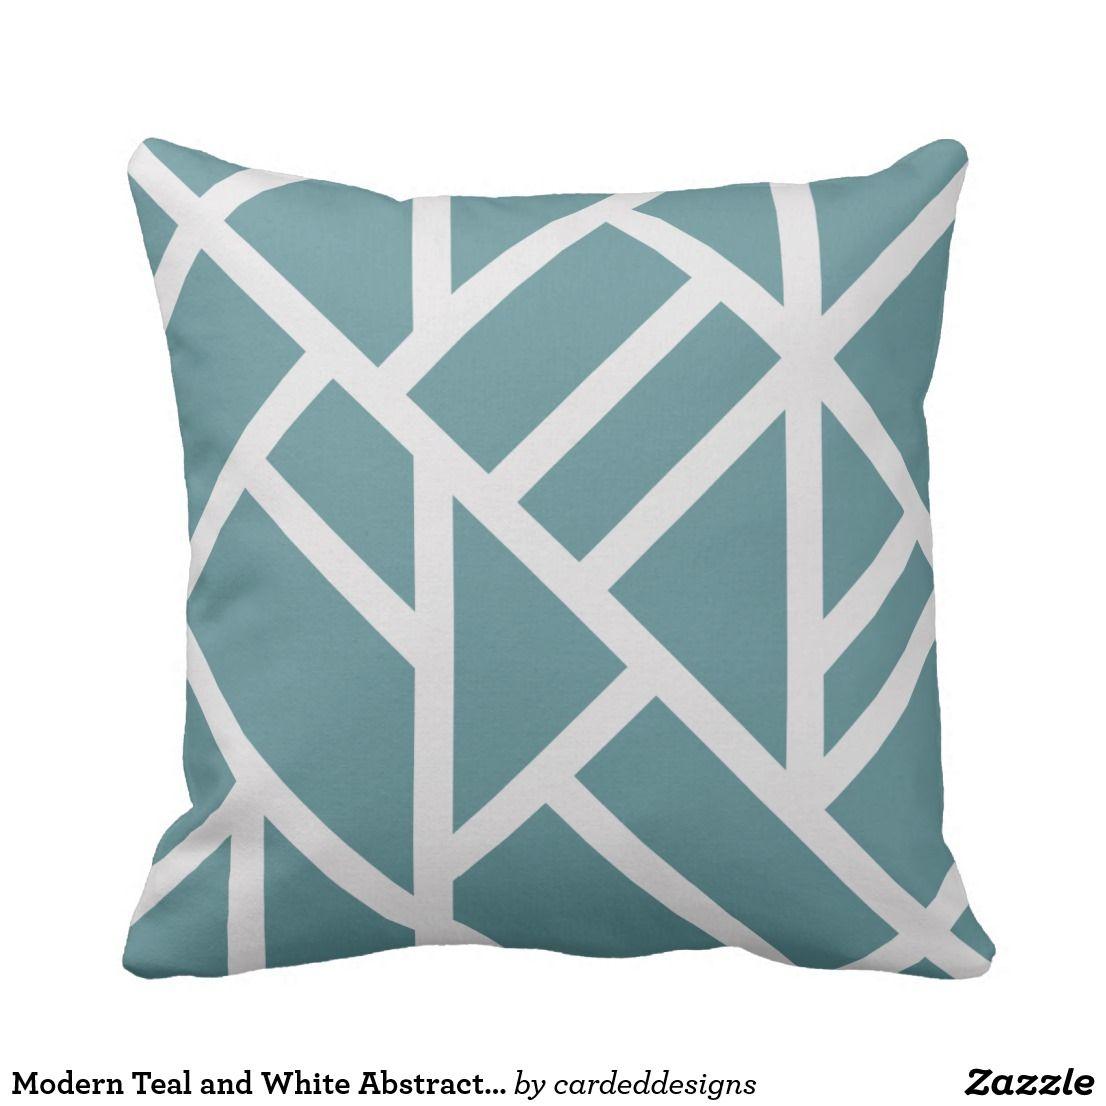 Modern Teal Decorative Throw Pillow  from i.pinimg.com